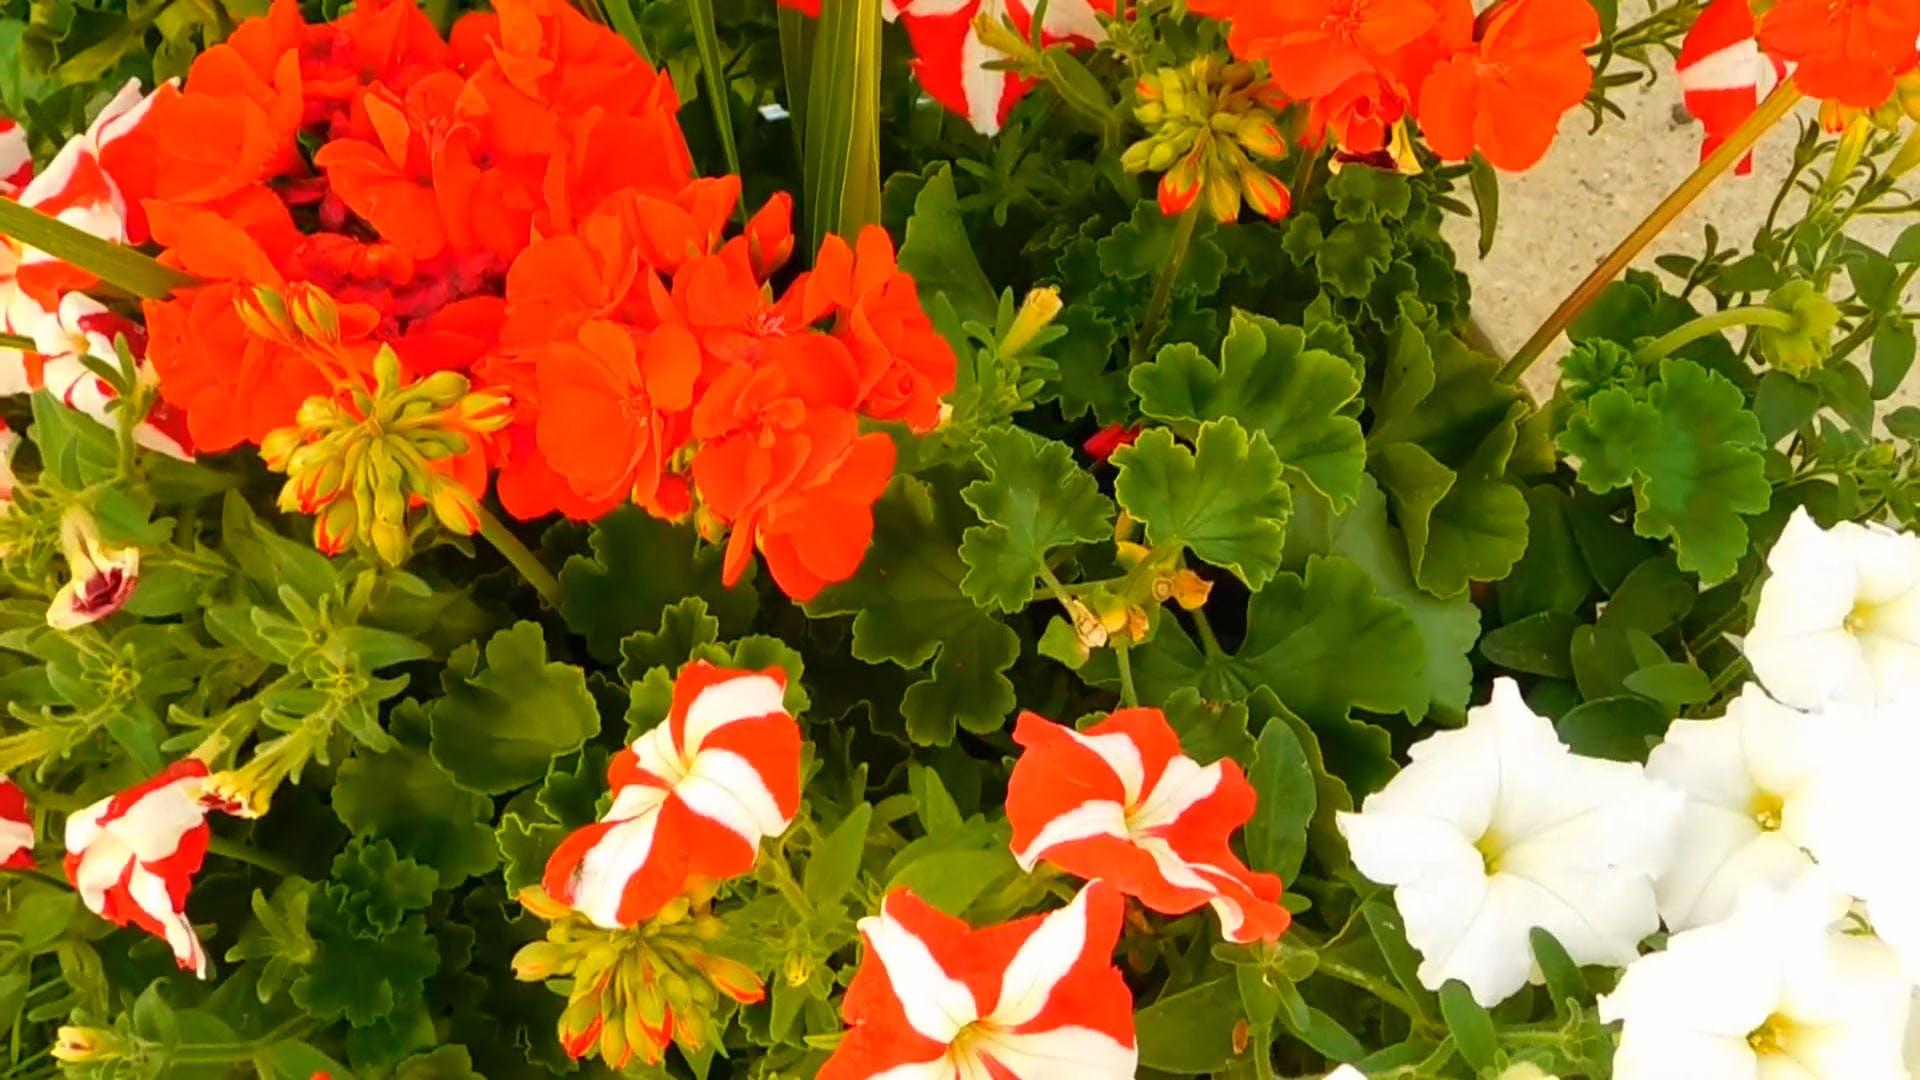 Video of Petunia Flowers